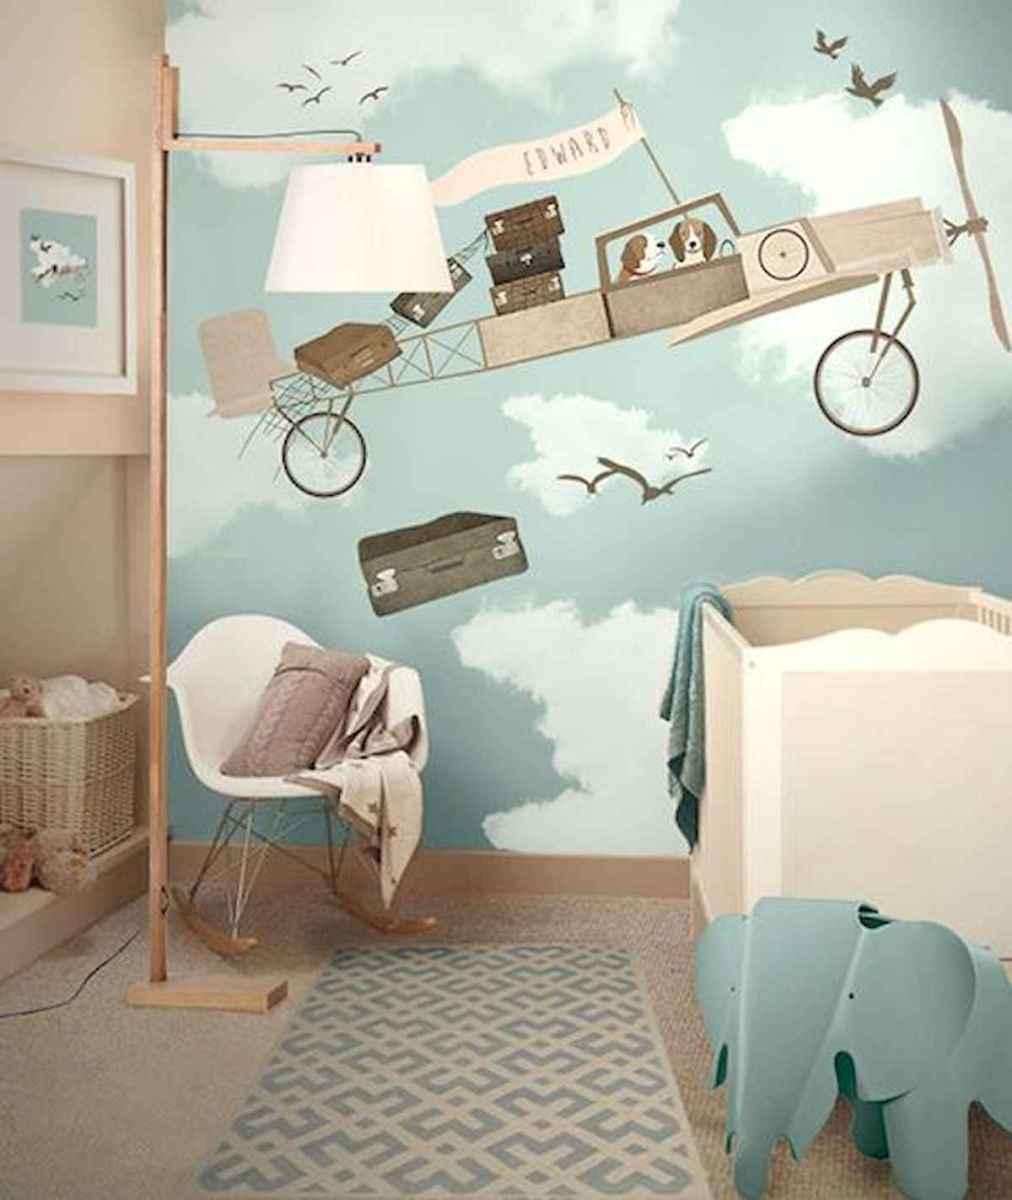 40 Adorable Nursery Room Ideas For Boy (19)